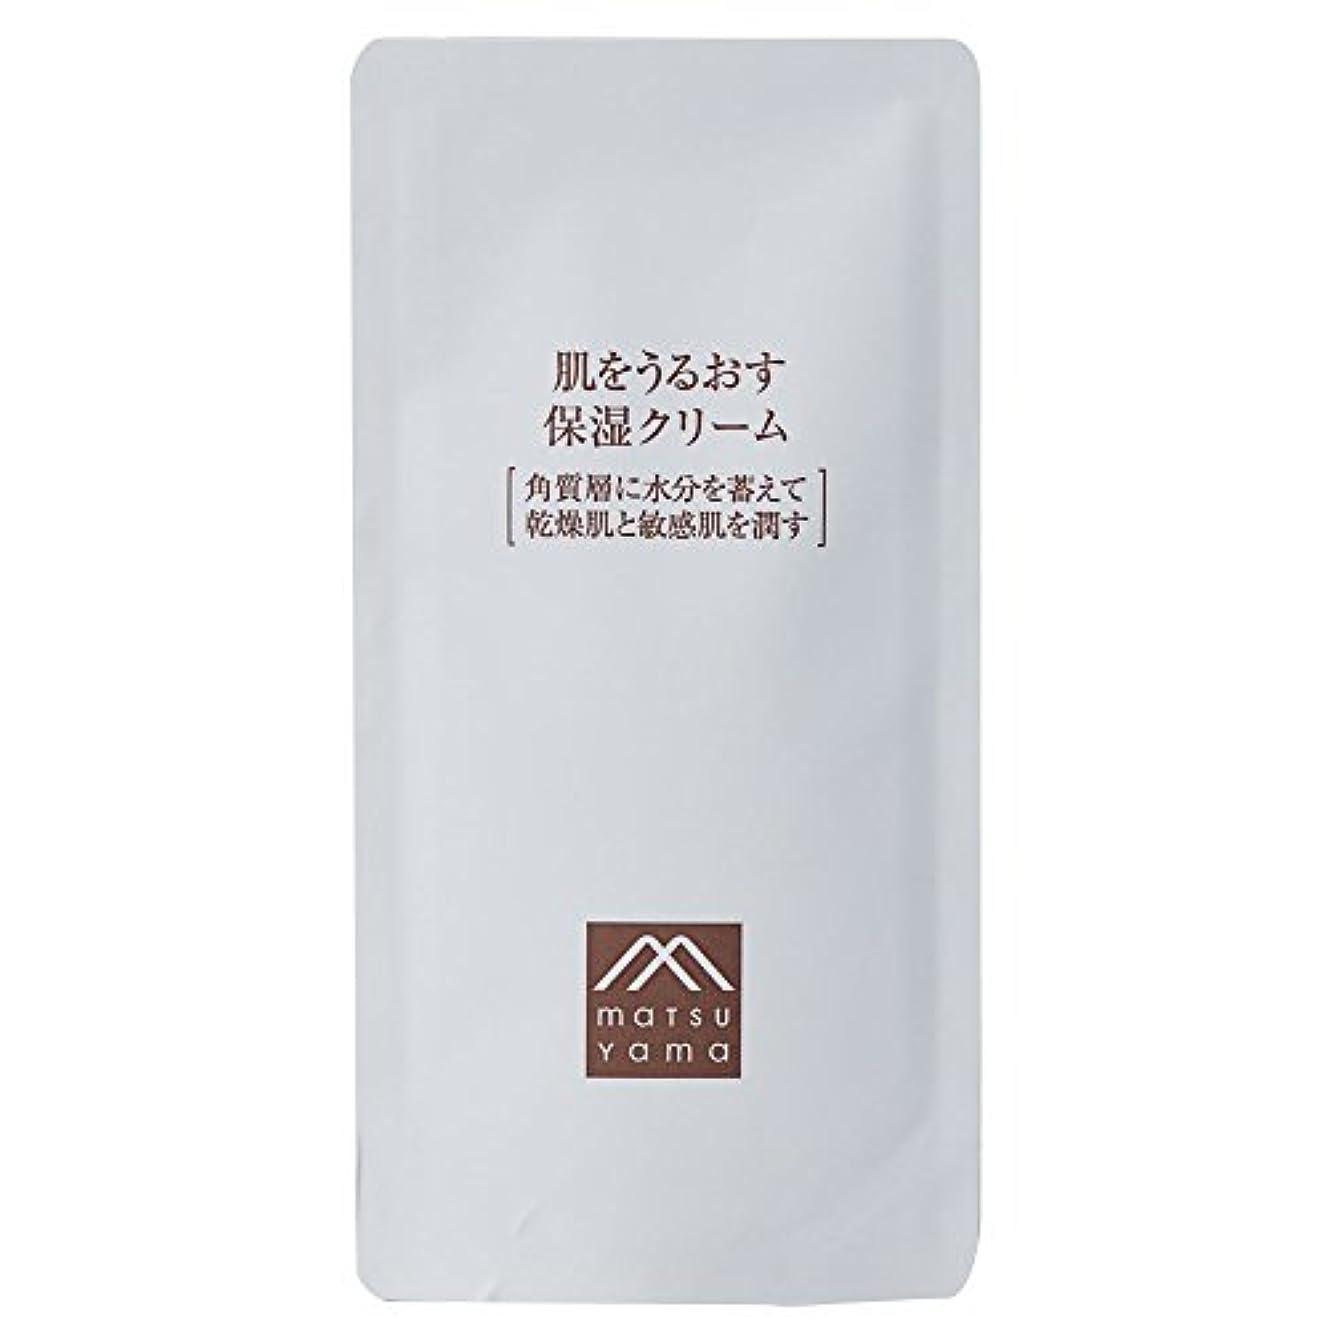 必要ないミトンヒロイン肌をうるおす保湿クリーム 詰替用(クリーム) 濃厚クリーム [乾燥肌 敏感肌]